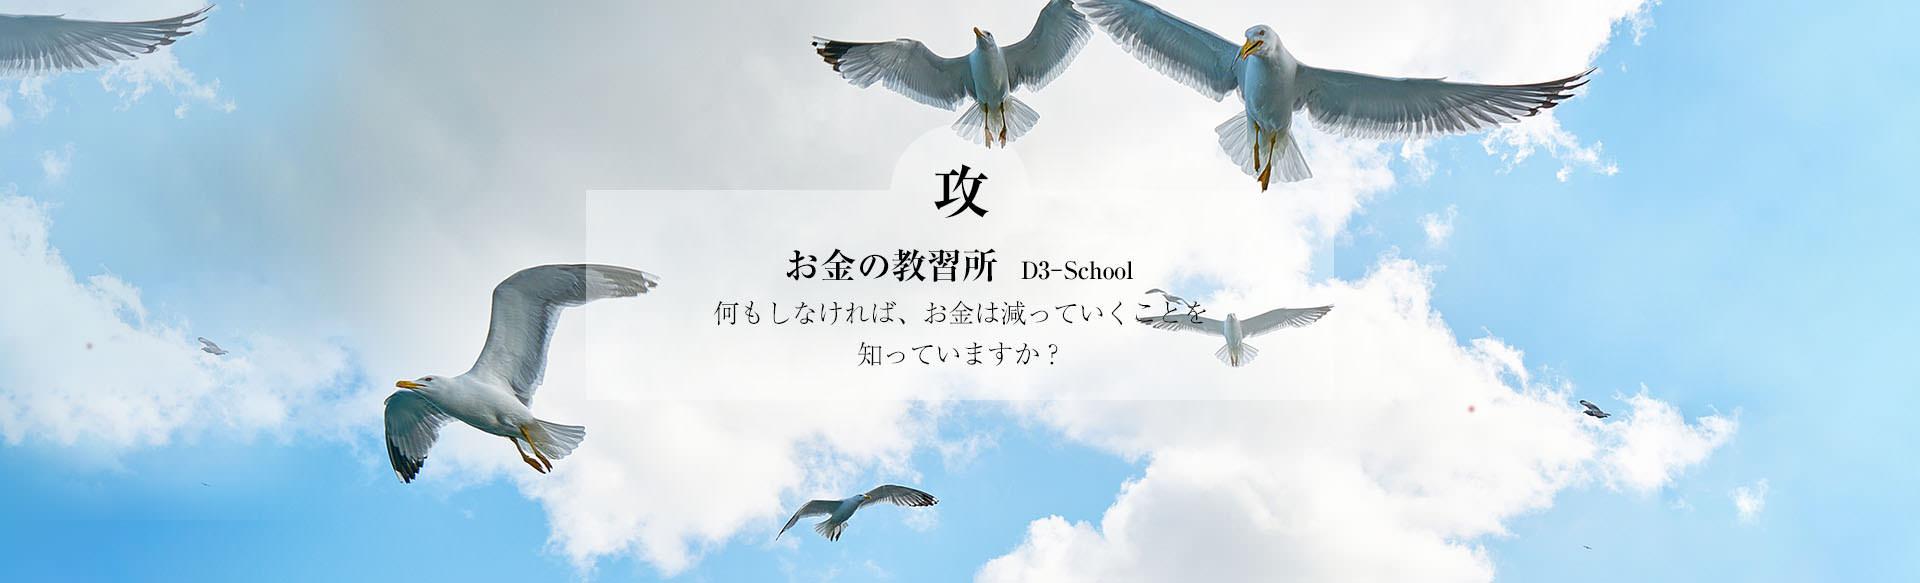 お金の教習所 D3-School